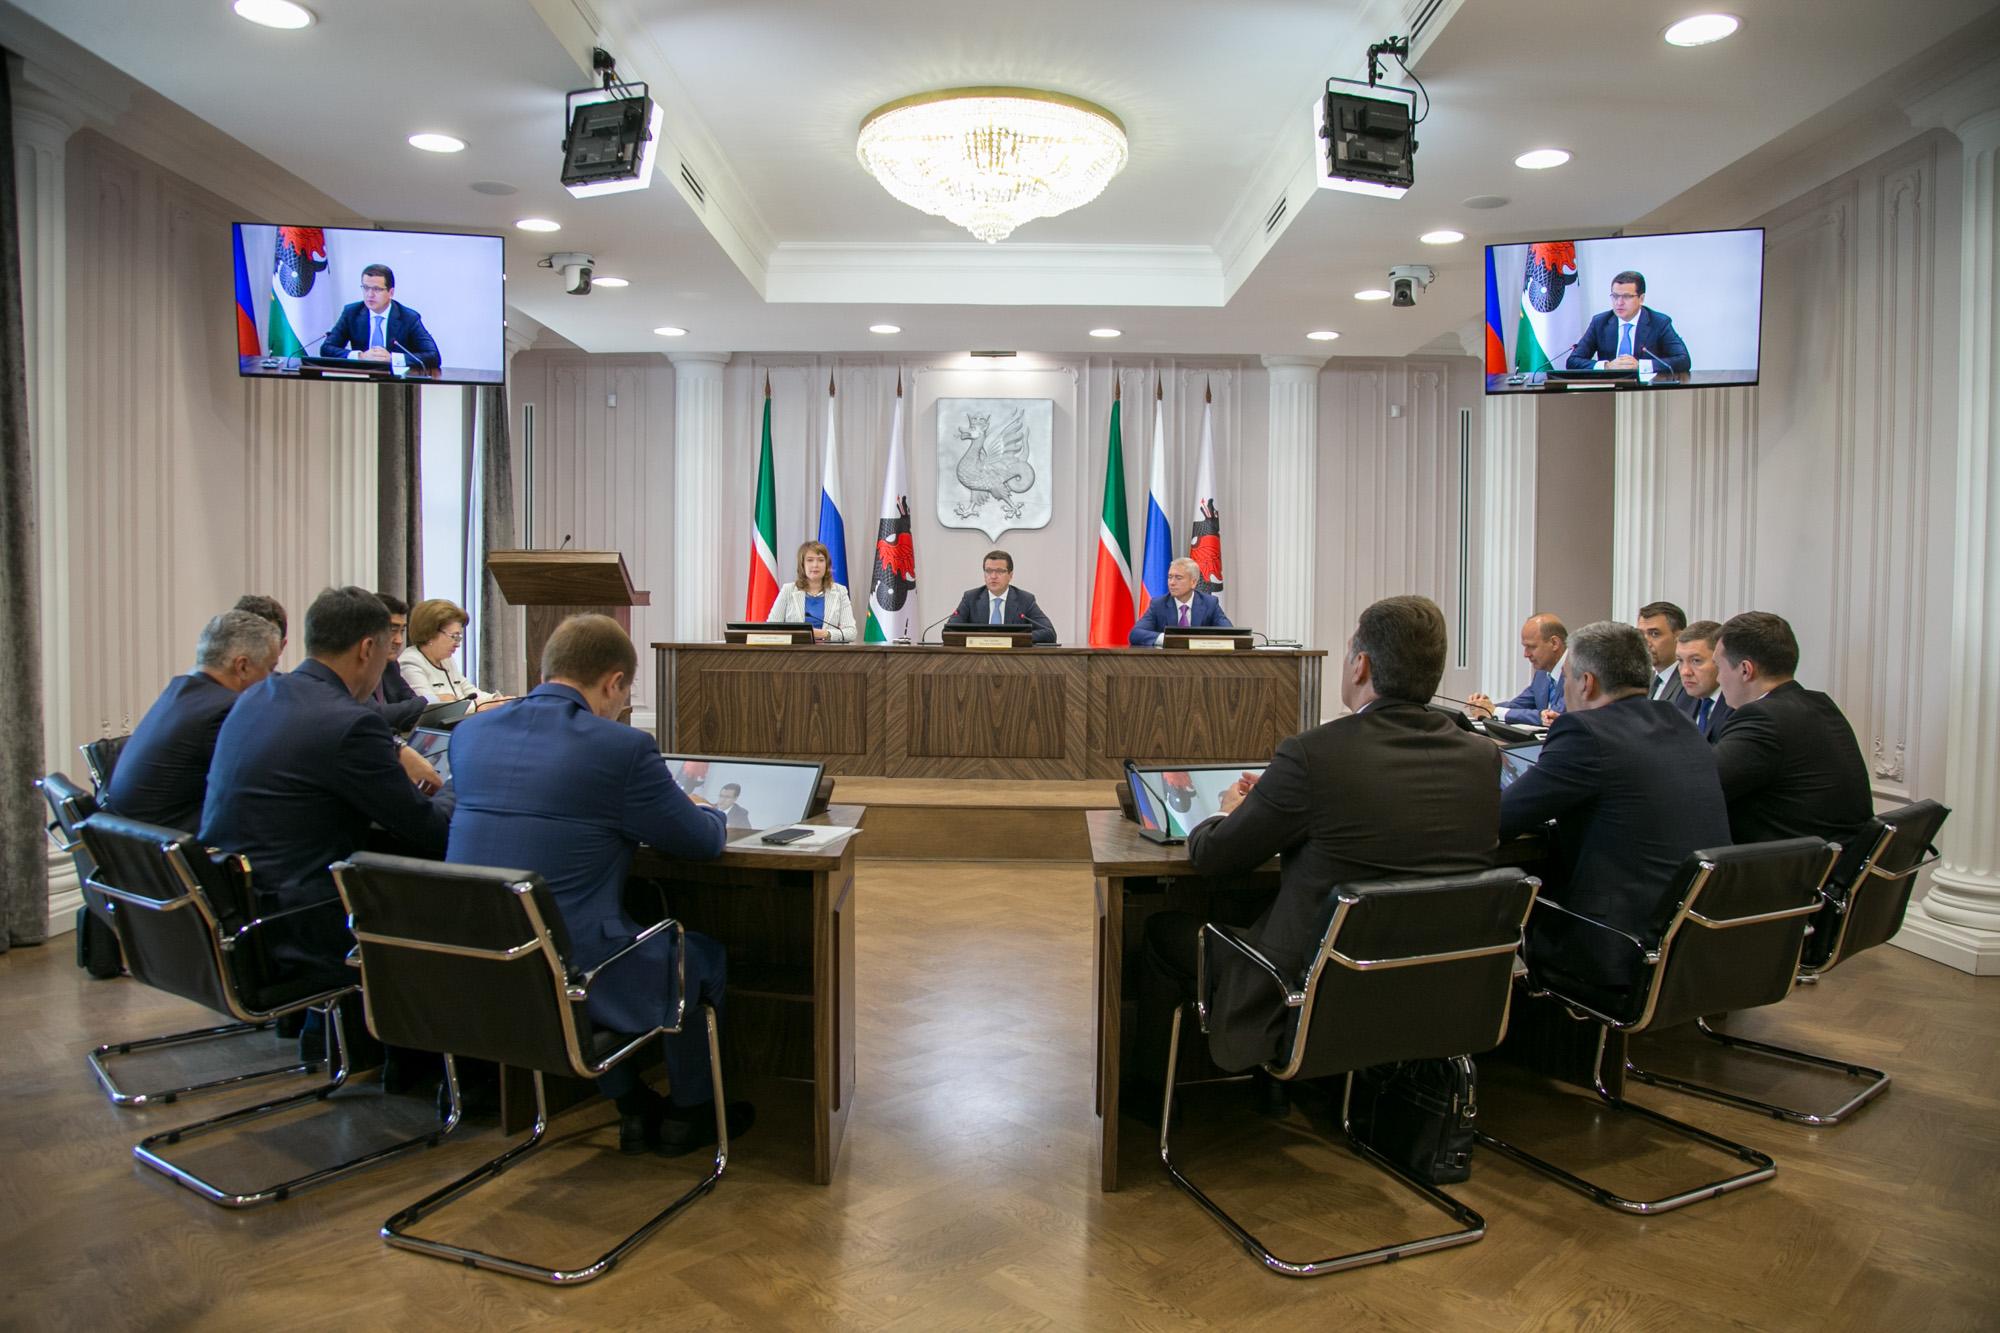 На полноценный ремонт поликлиник Казани истратят 1,3 млрд руб.